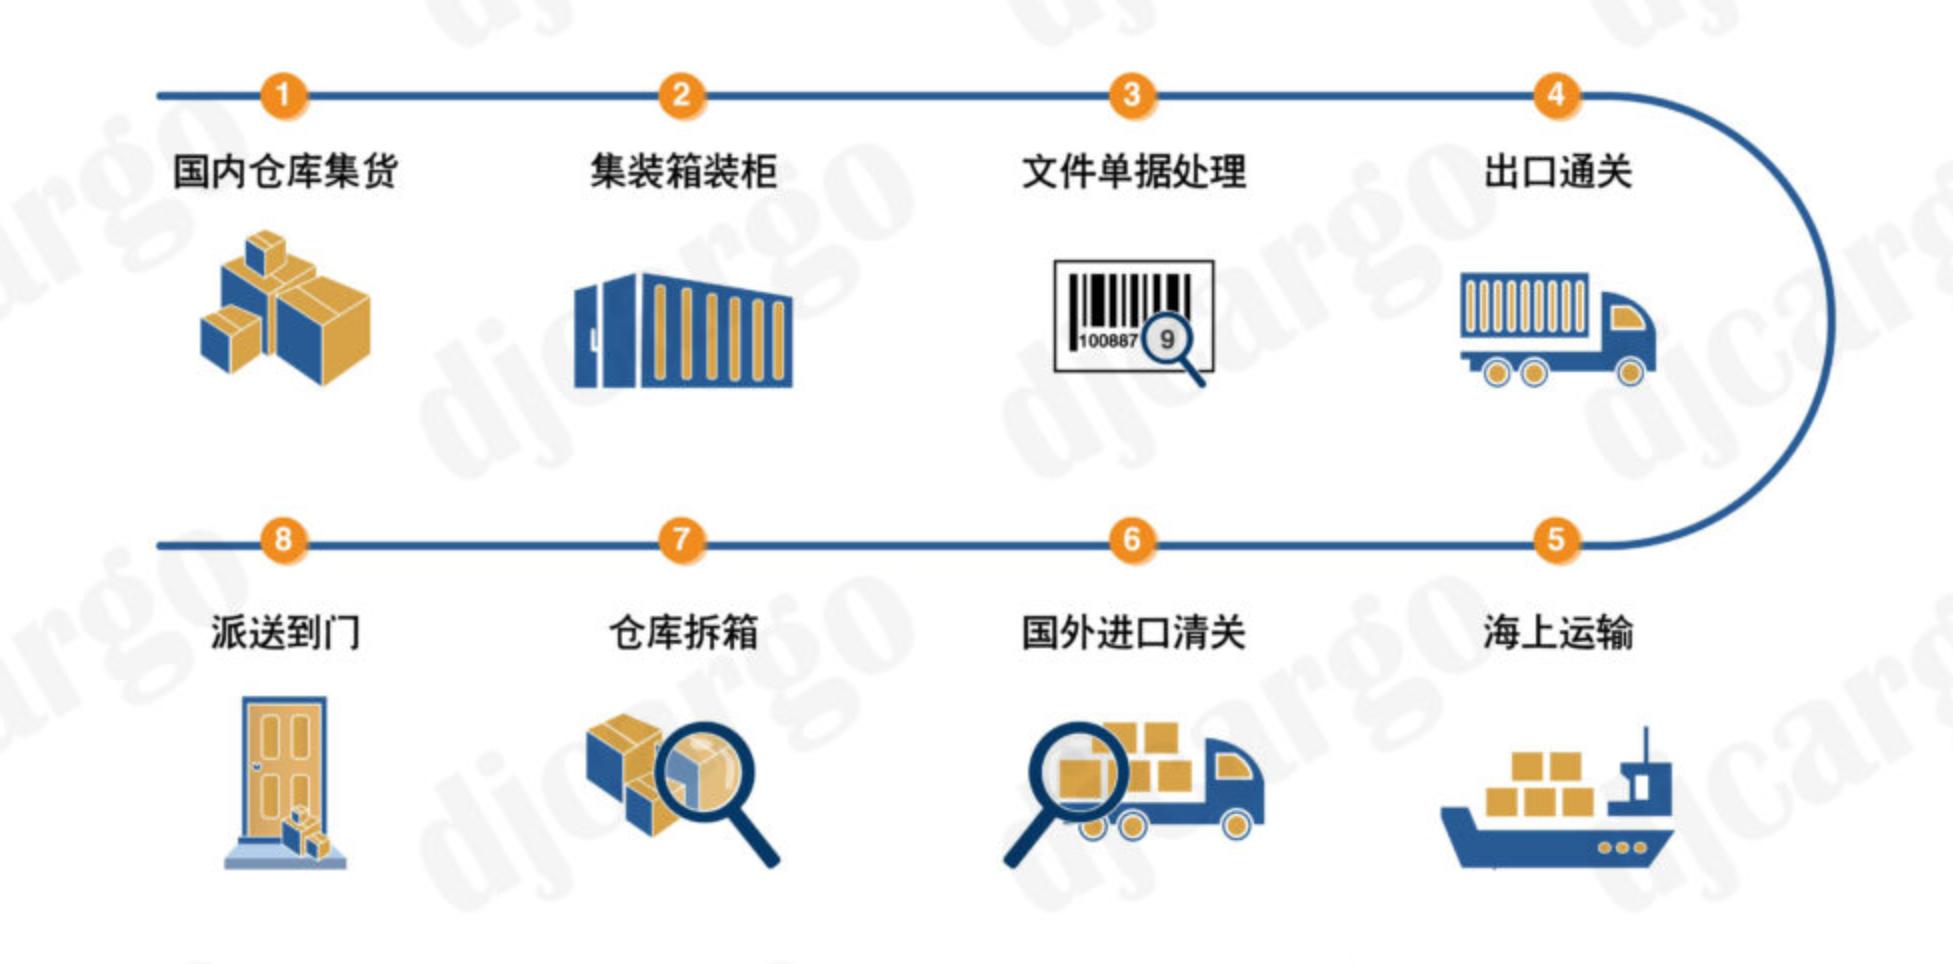 运输流程.png